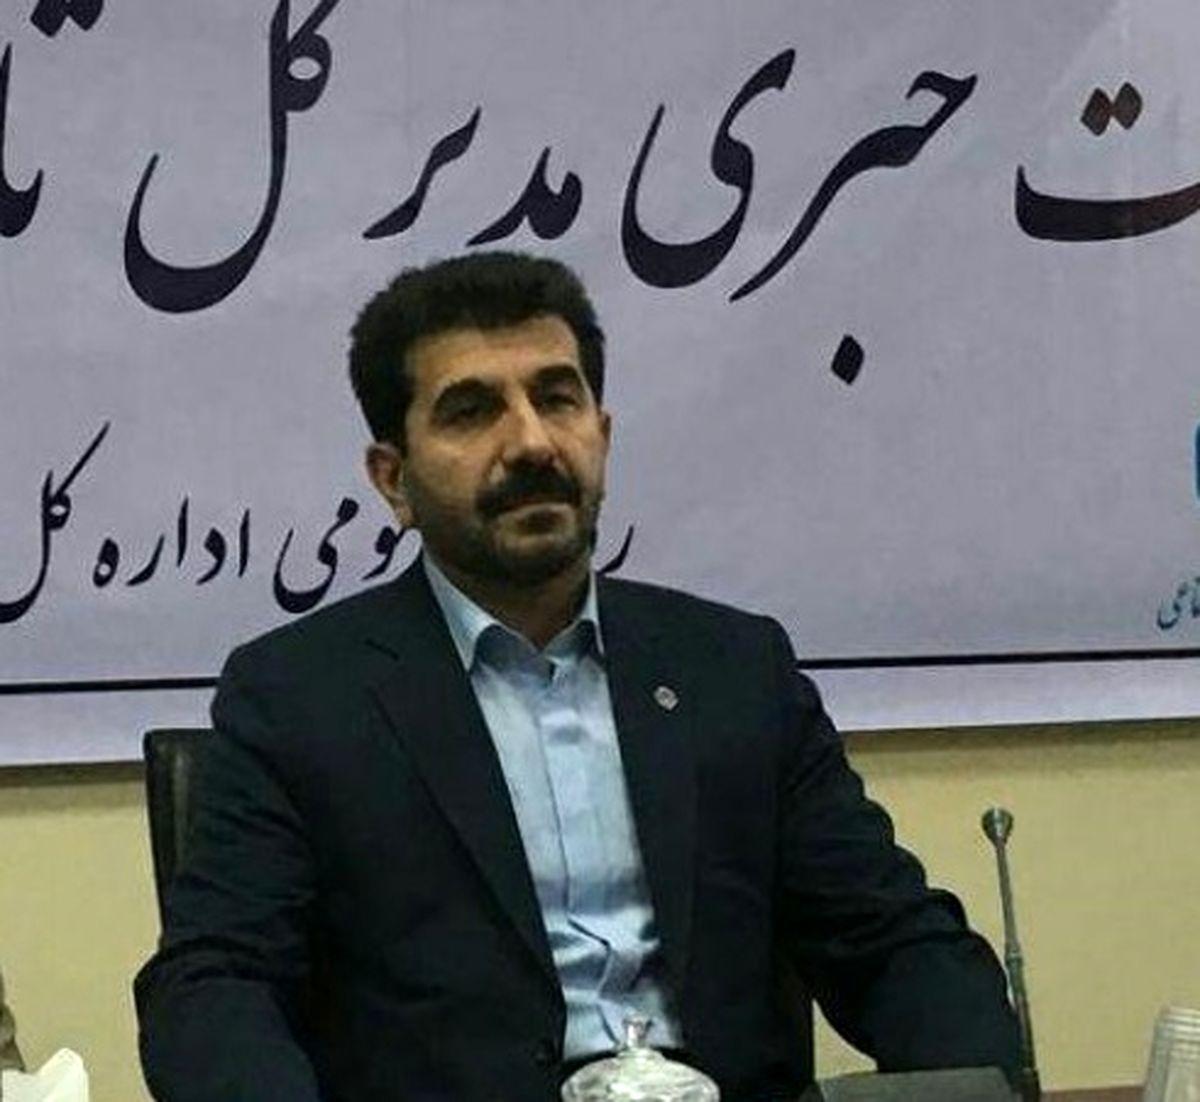 قانون بخشودگی جرائم بیمه تامین اجتماعی در کردستان اجرا شد